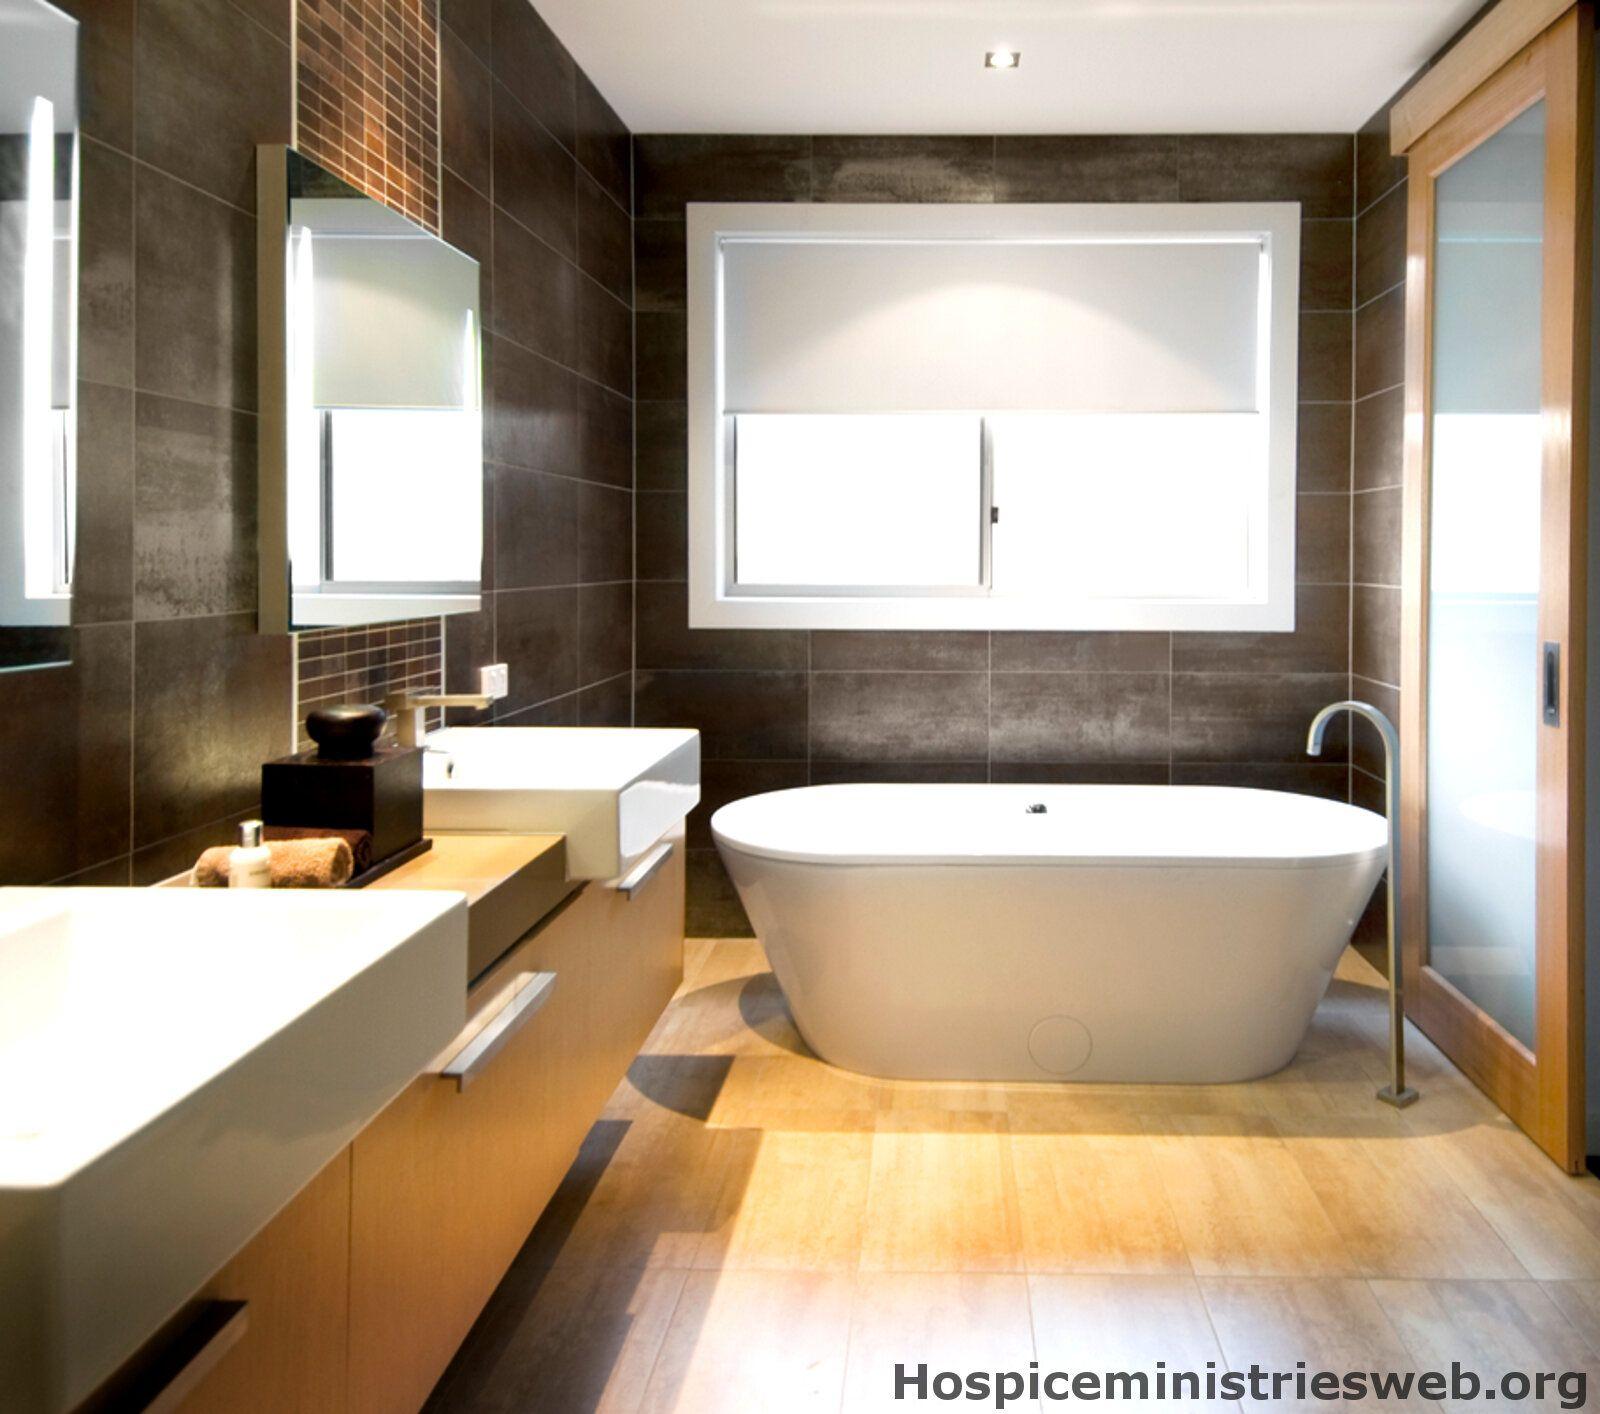 AuBergewohnlich 35 Ideen Für Badezimmer Braun Beige Wohn Ideen